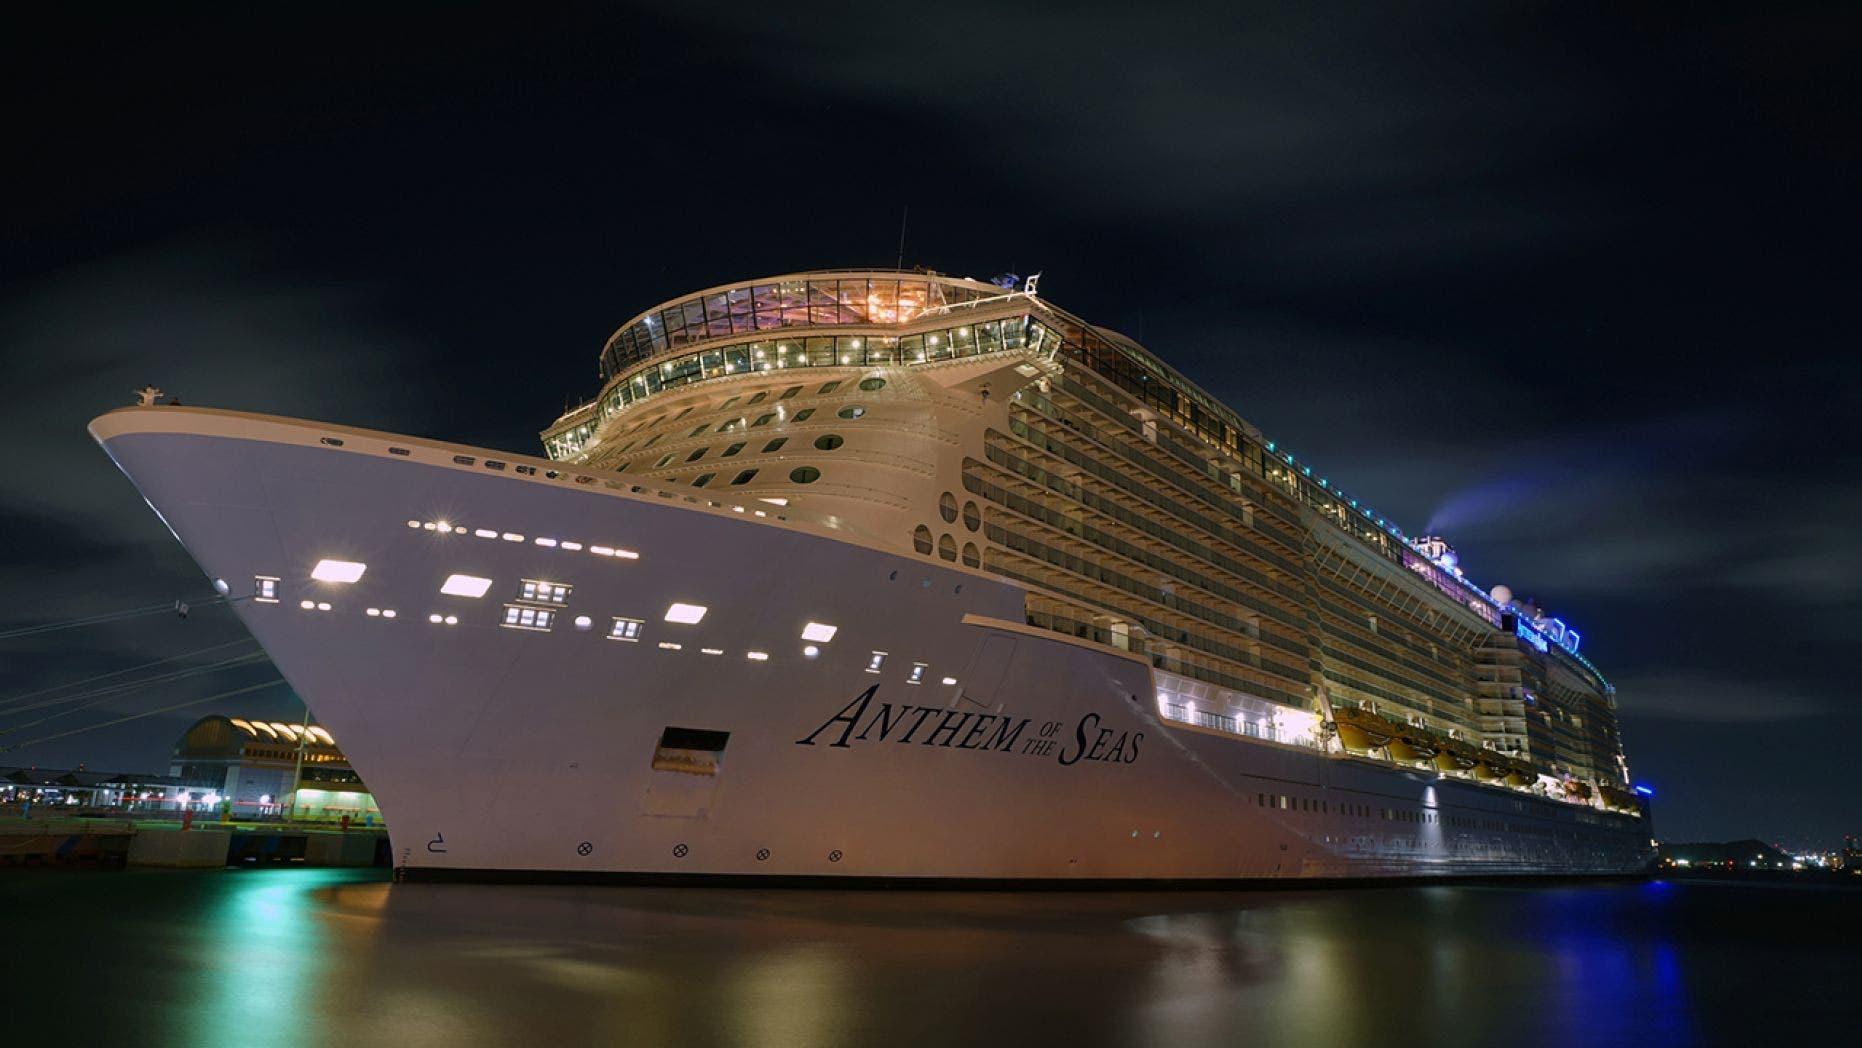 Royal Caribbean membatalkan 18 kapal pesiar di Asia tengah coronavirus wabah